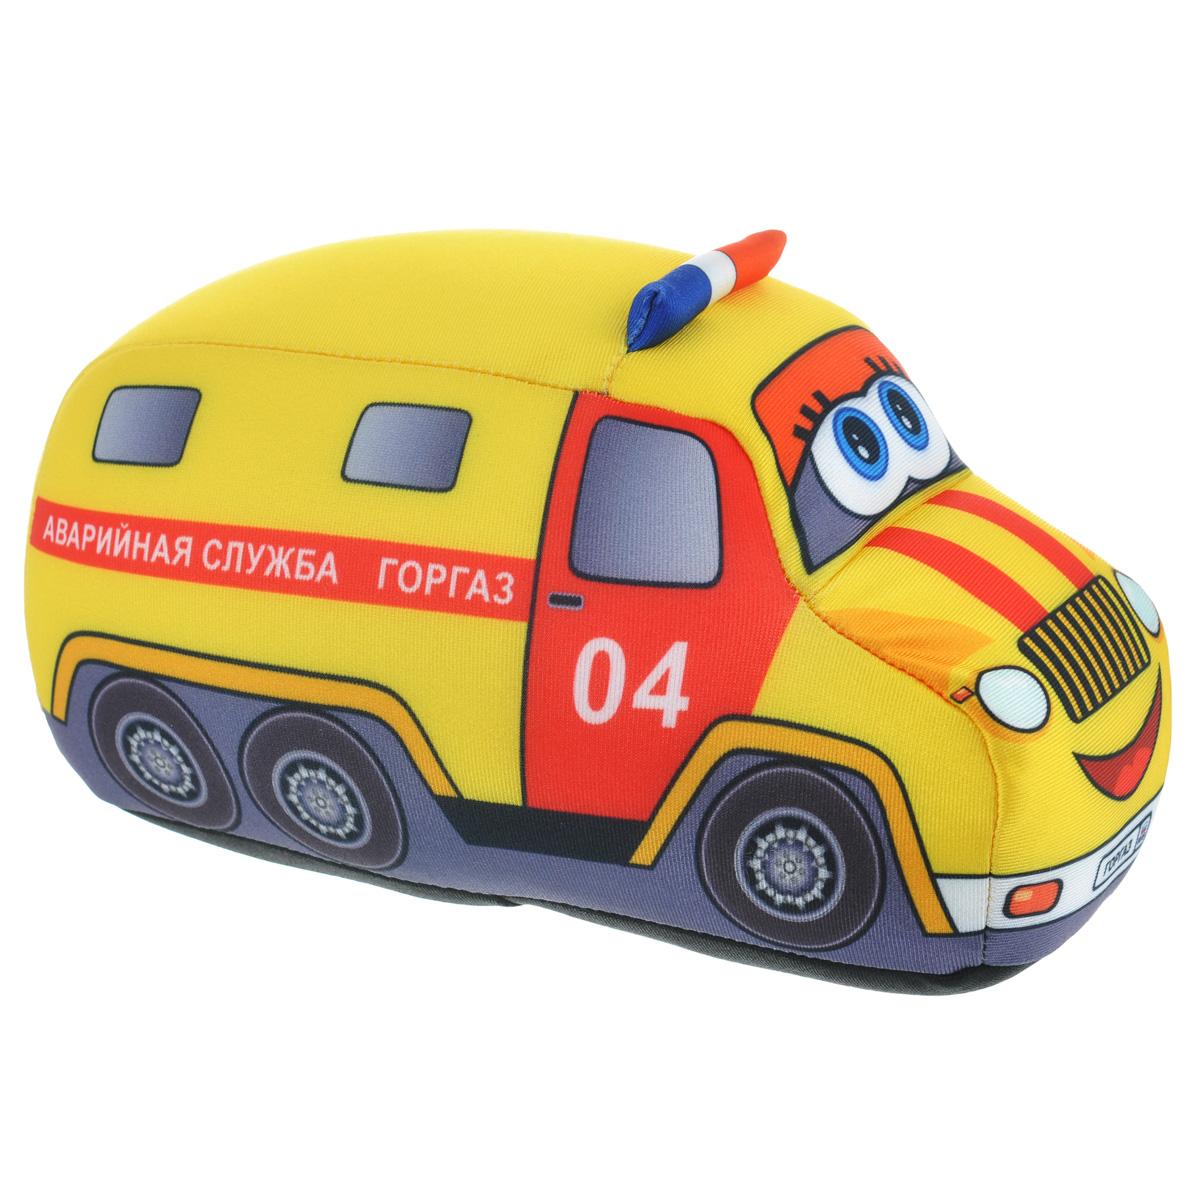 """Игрушка-антистресс СмолТойс """"Служебная машина. Горгаз"""", 20 см"""